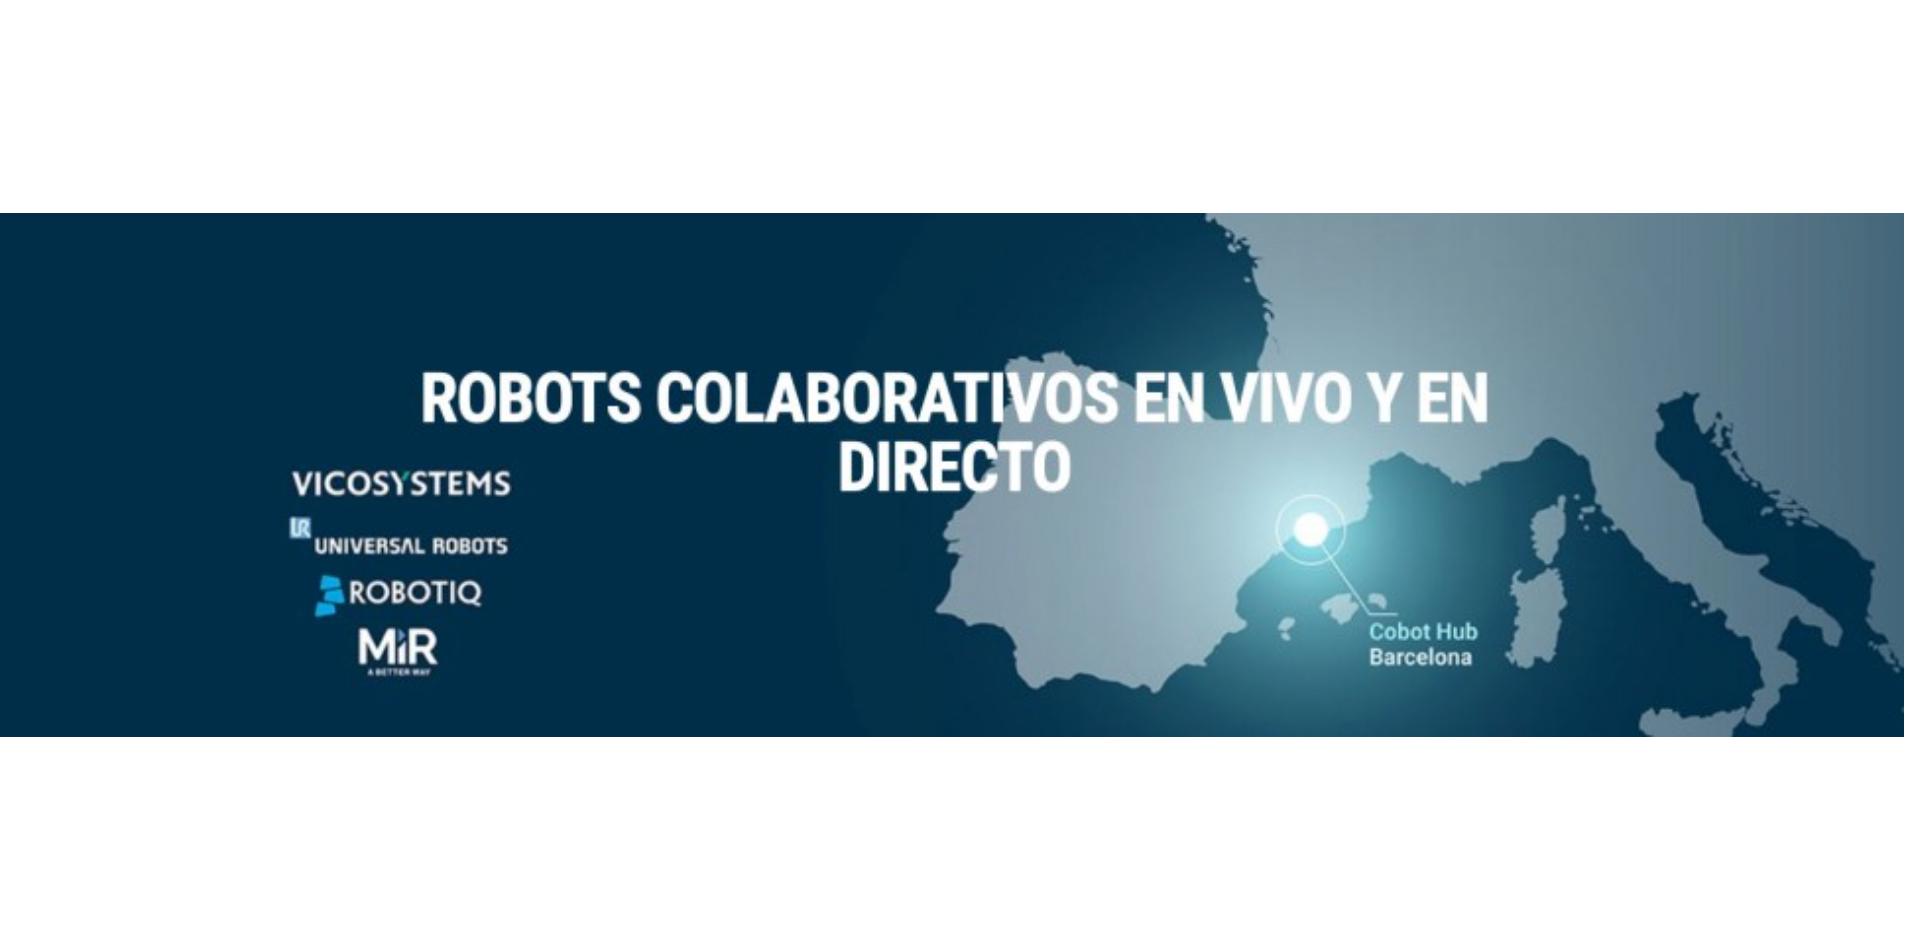 Universal Robots y Mobile Industrial Robots (MiR). Robots colaborativos en vivo y en directo